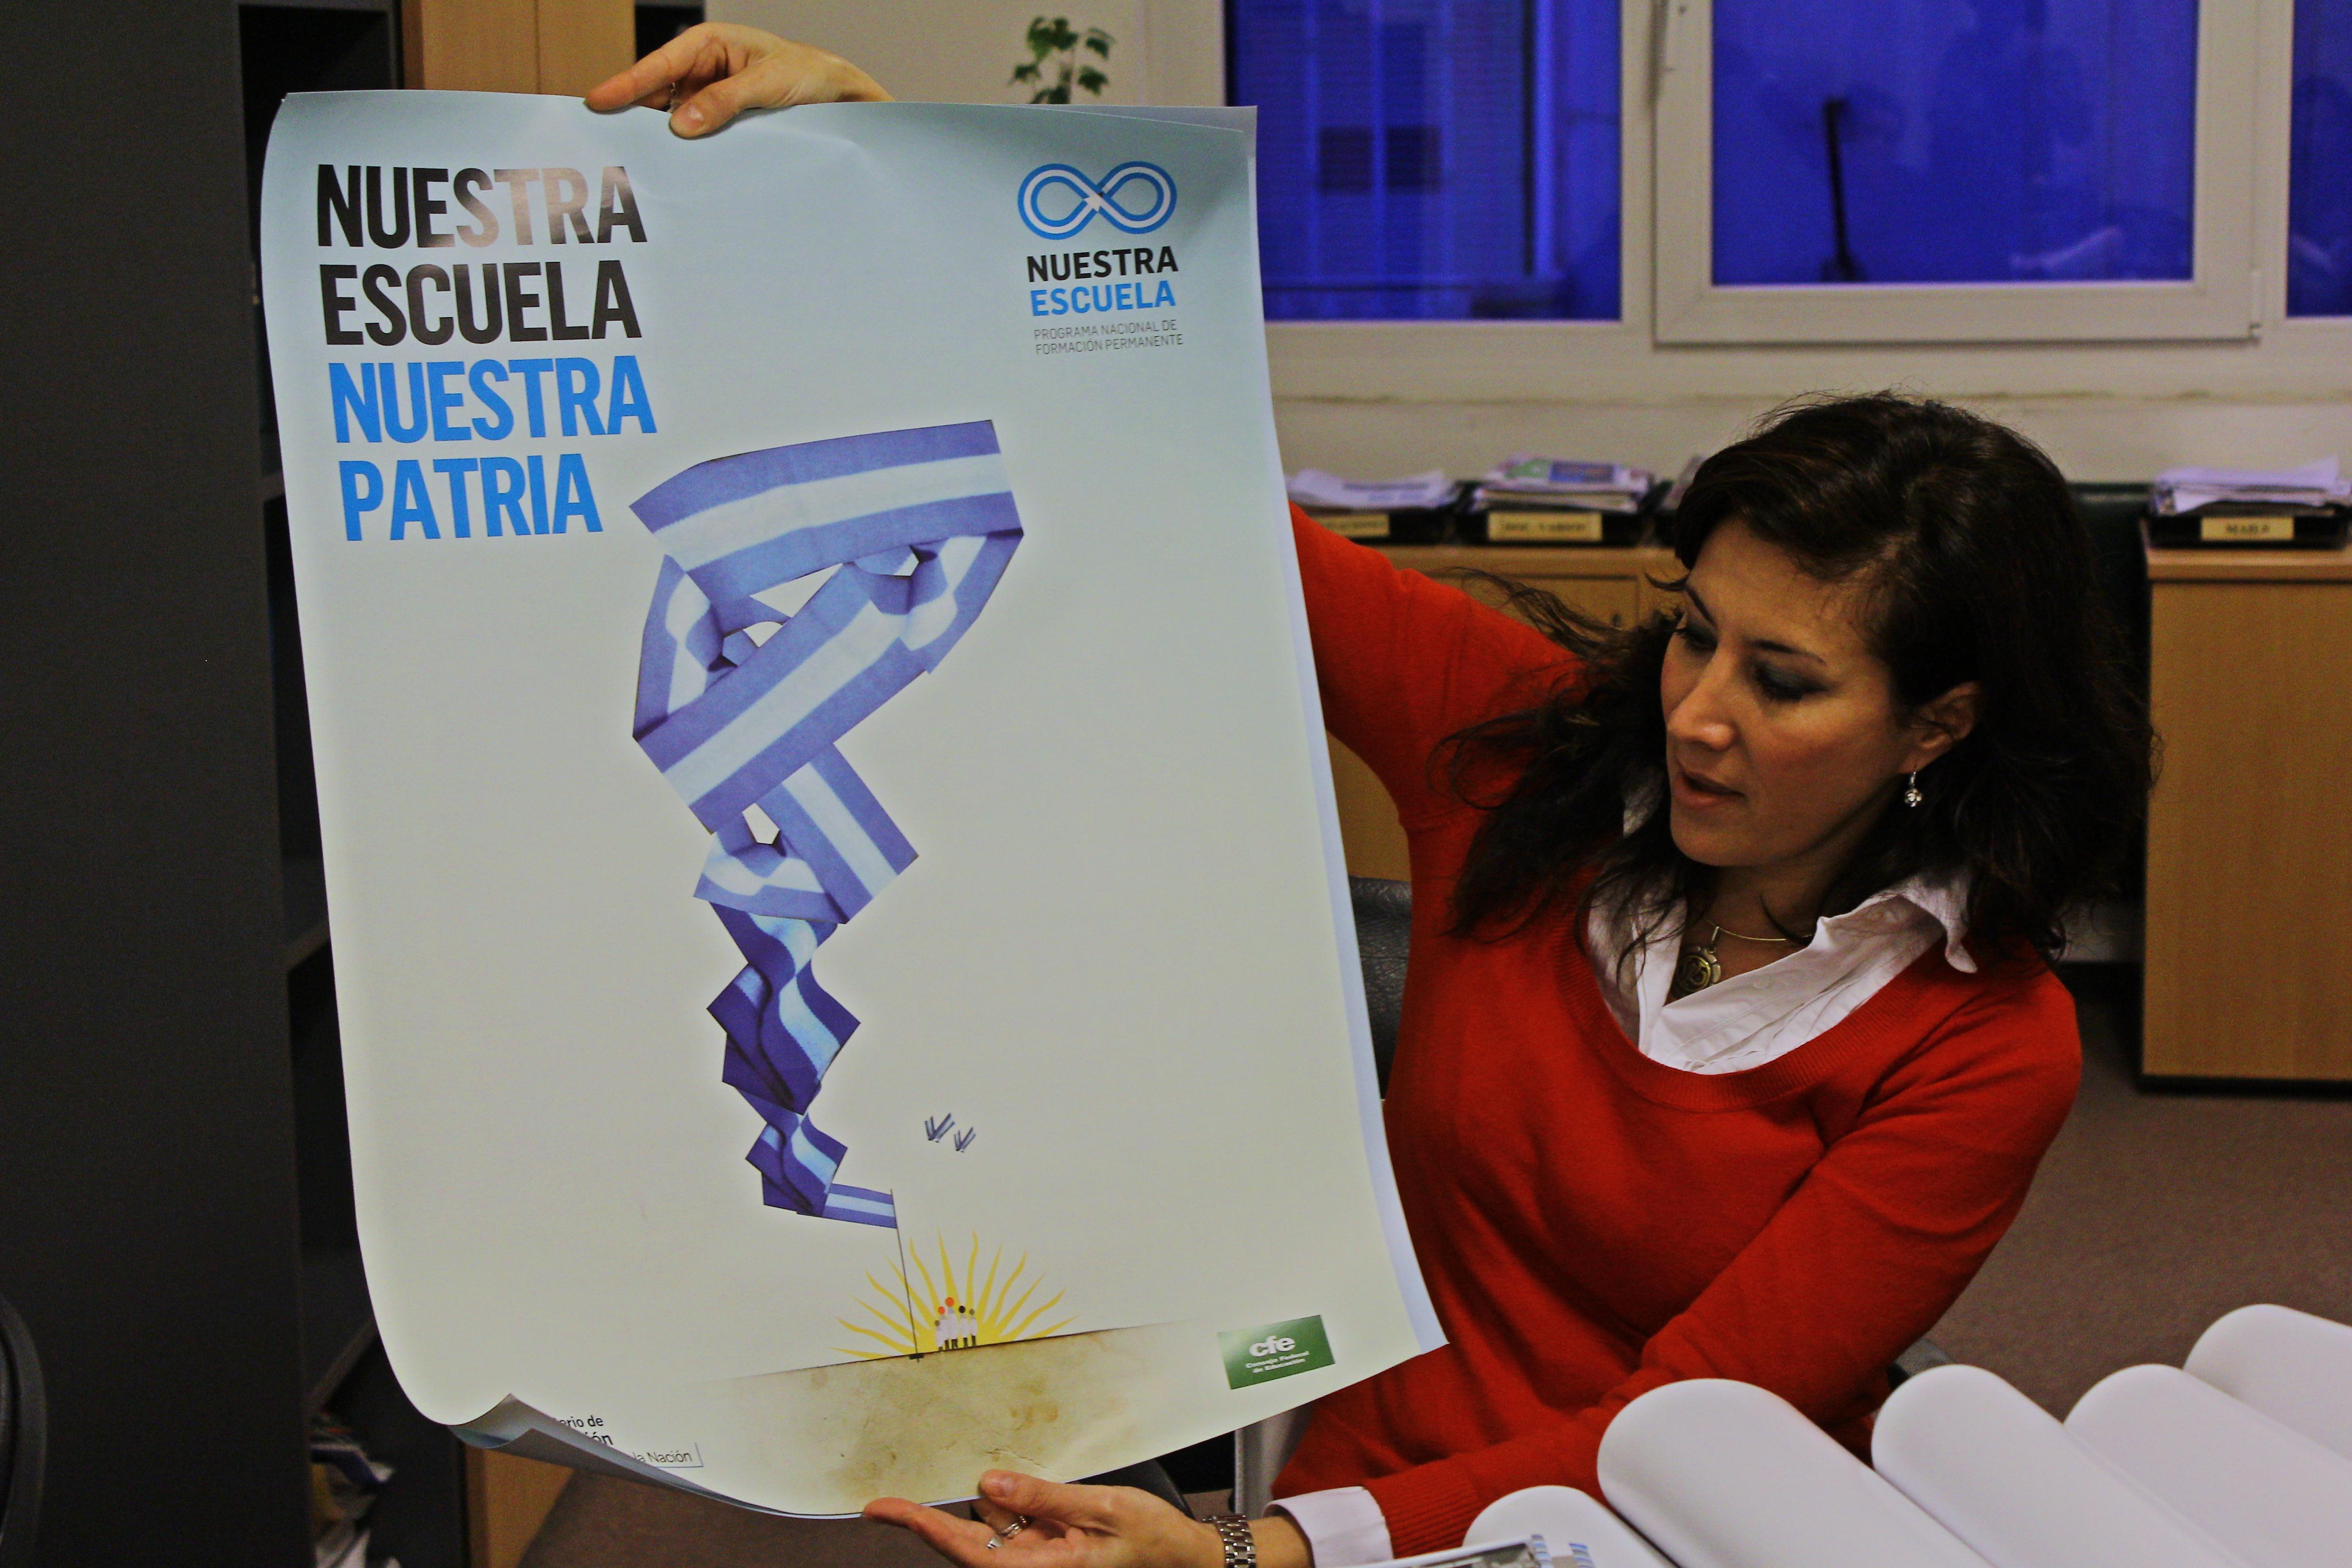 Coordenadora da comissão regional de formação de docentes do ministério da educação da Argentina, Veronica Piovani explica como funciona o programa nacional de formação permanente Nuestra Escuela.